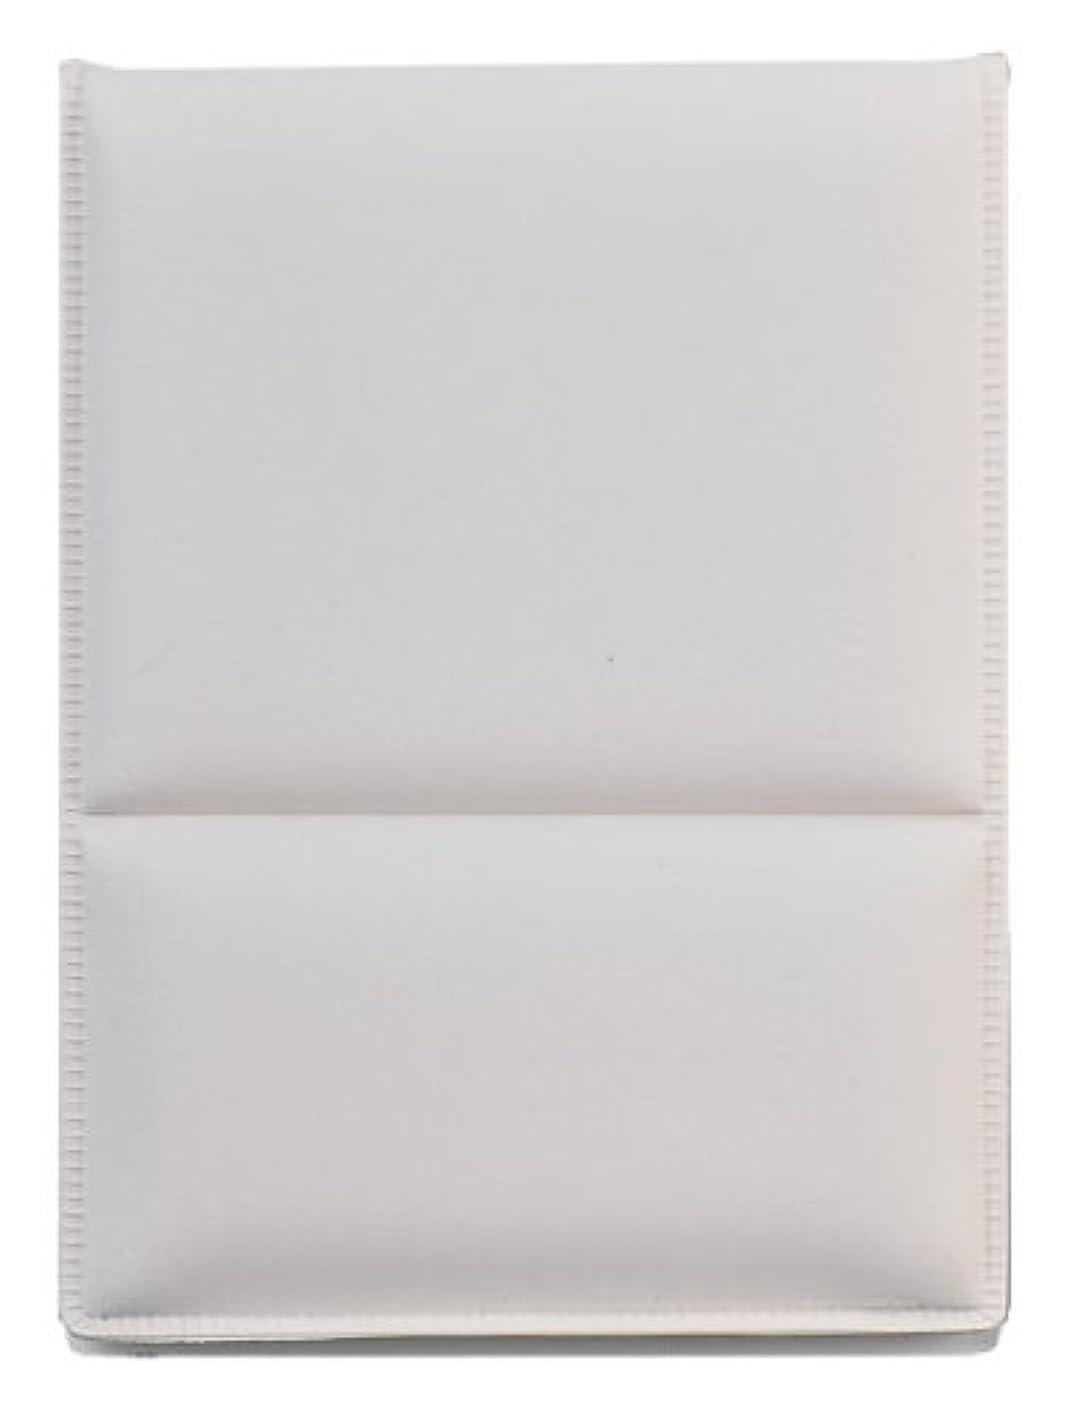 文虚栄心白鳥折立鏡 Mサイズ パウダーホワイト YSS-550